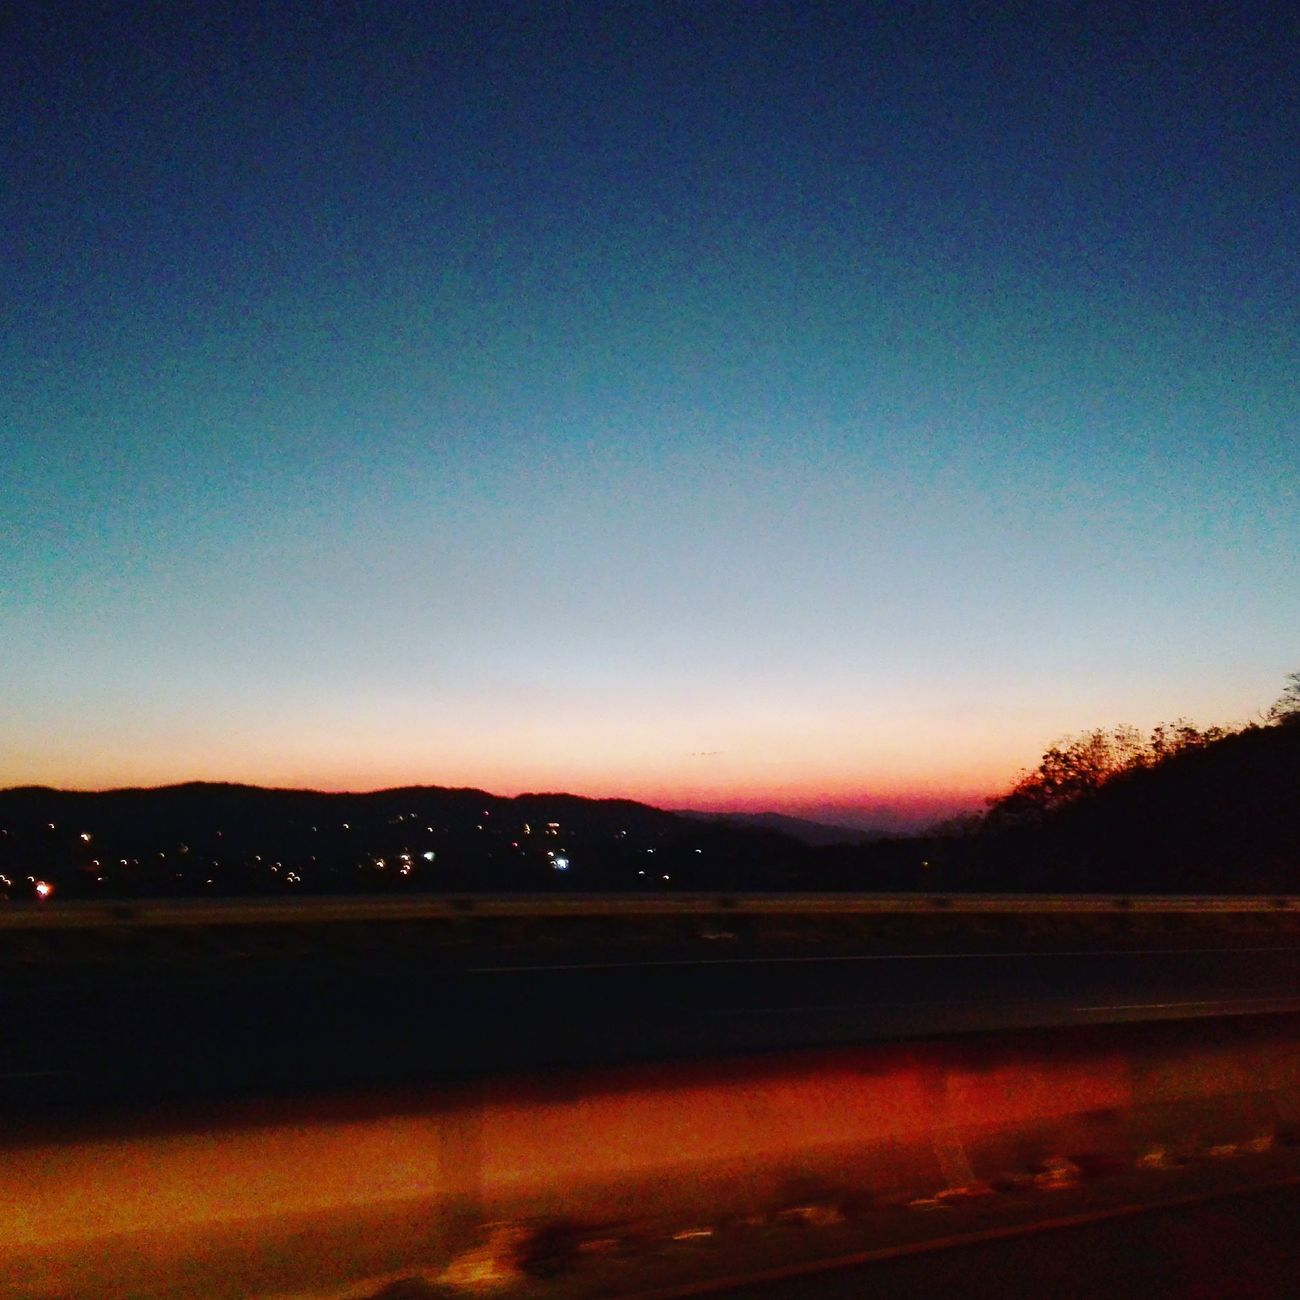 Costa Rica Sunset Nature